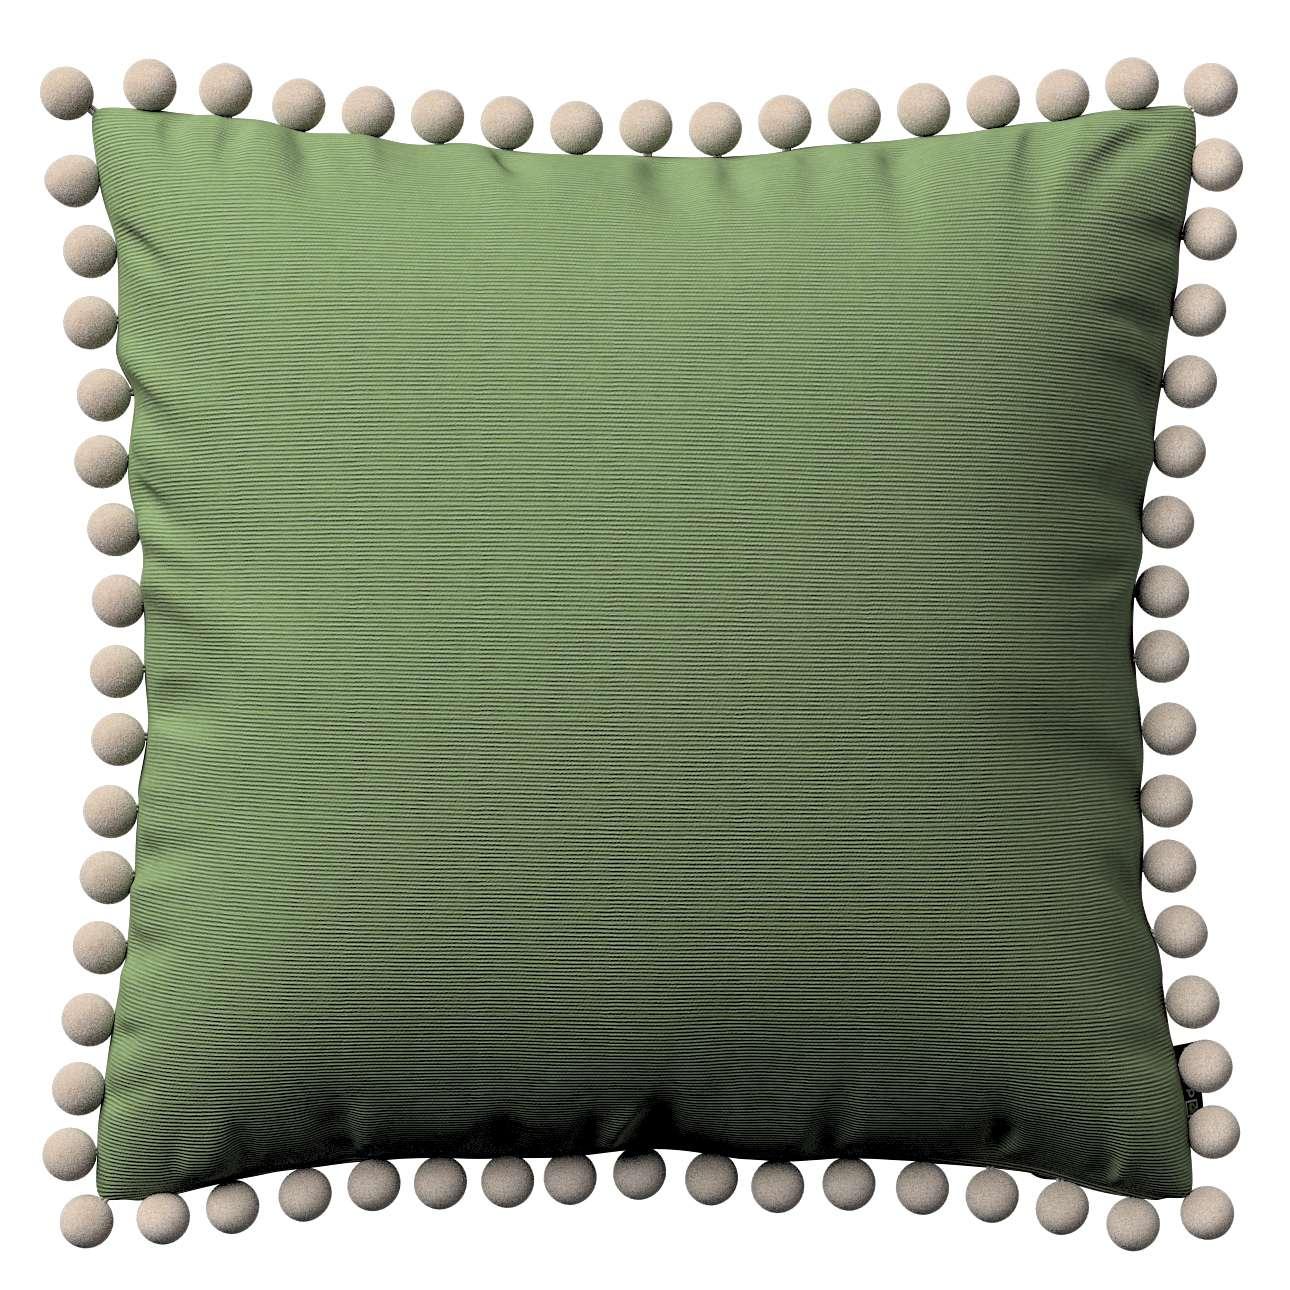 Wera dekoratyvinės pagalvėlės su žaismingais kraštais 45 x 45 cm kolekcijoje Jupiter, audinys: 127-52